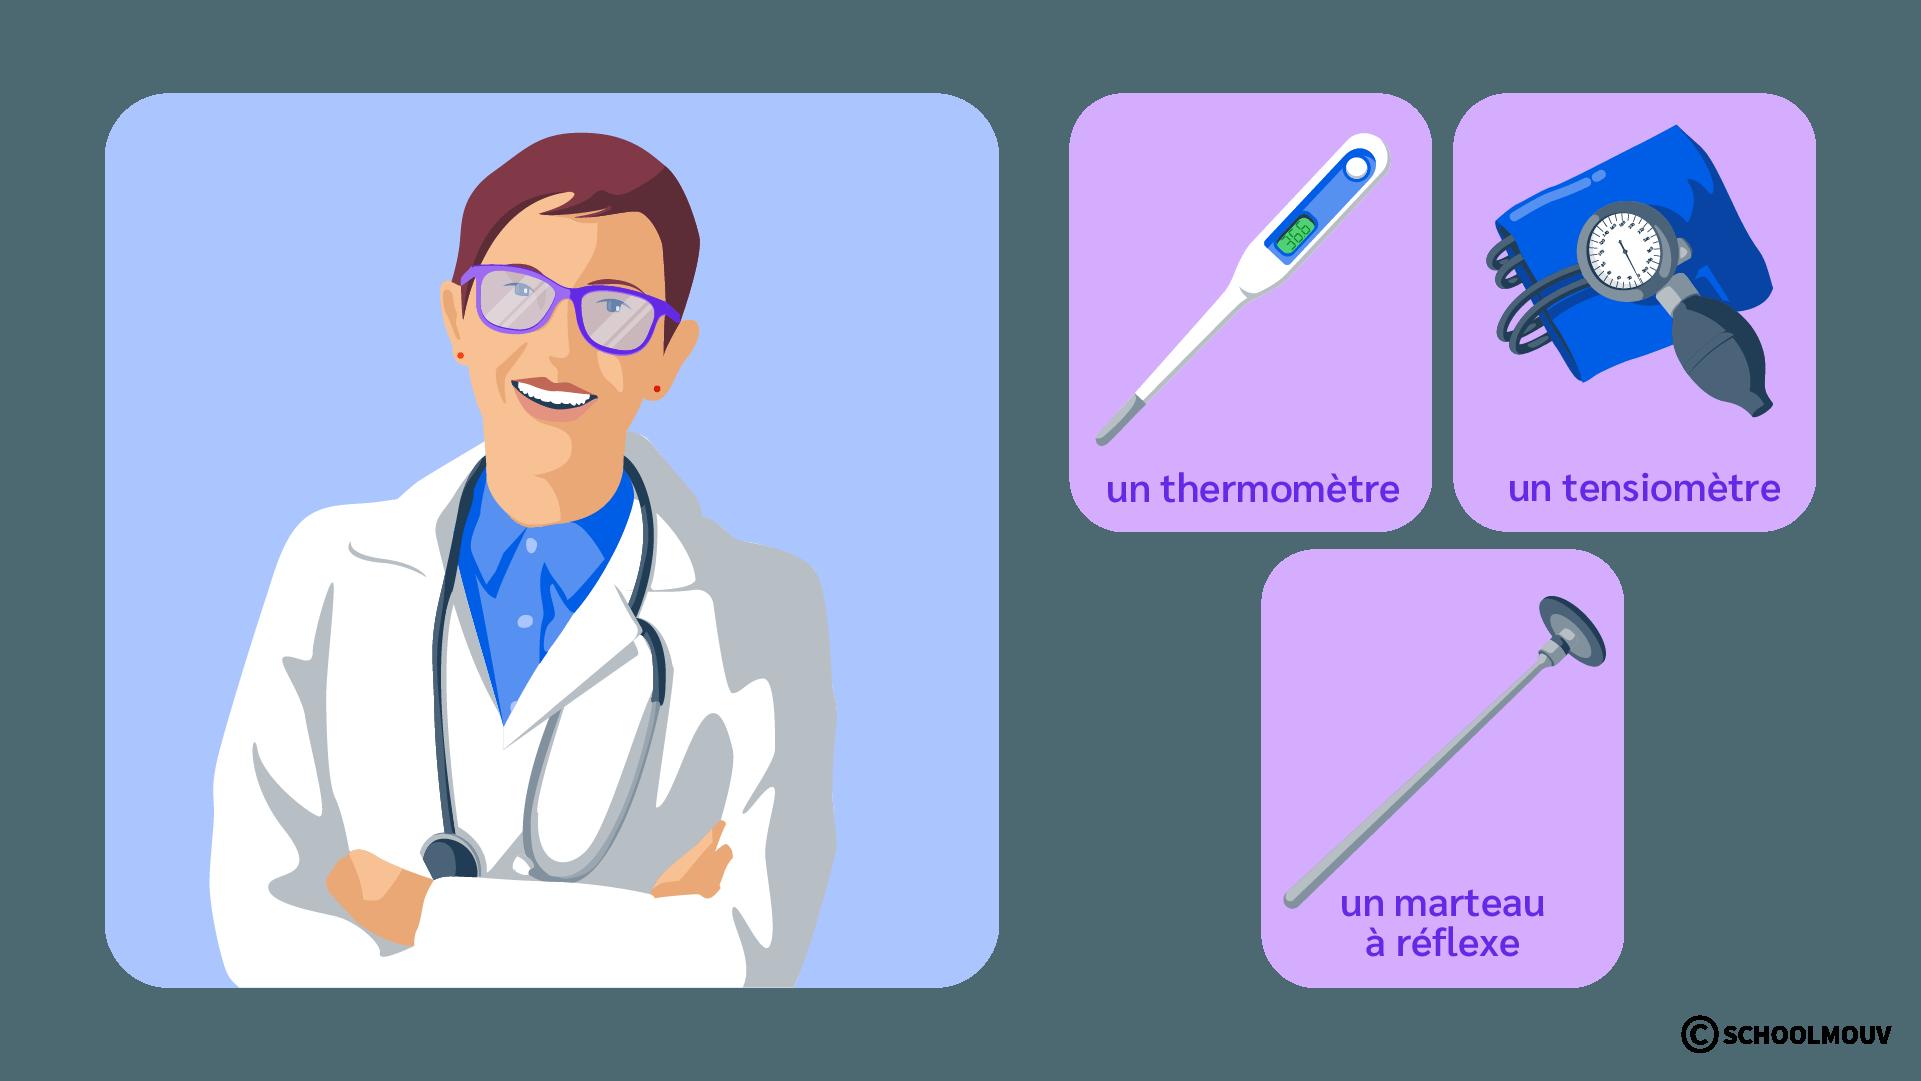 Médecin - Instruments - Stéthoscope - Thermomètre - Tensiomètre - Marteau à réflexe - SchoolMouv - Sciences - CE2